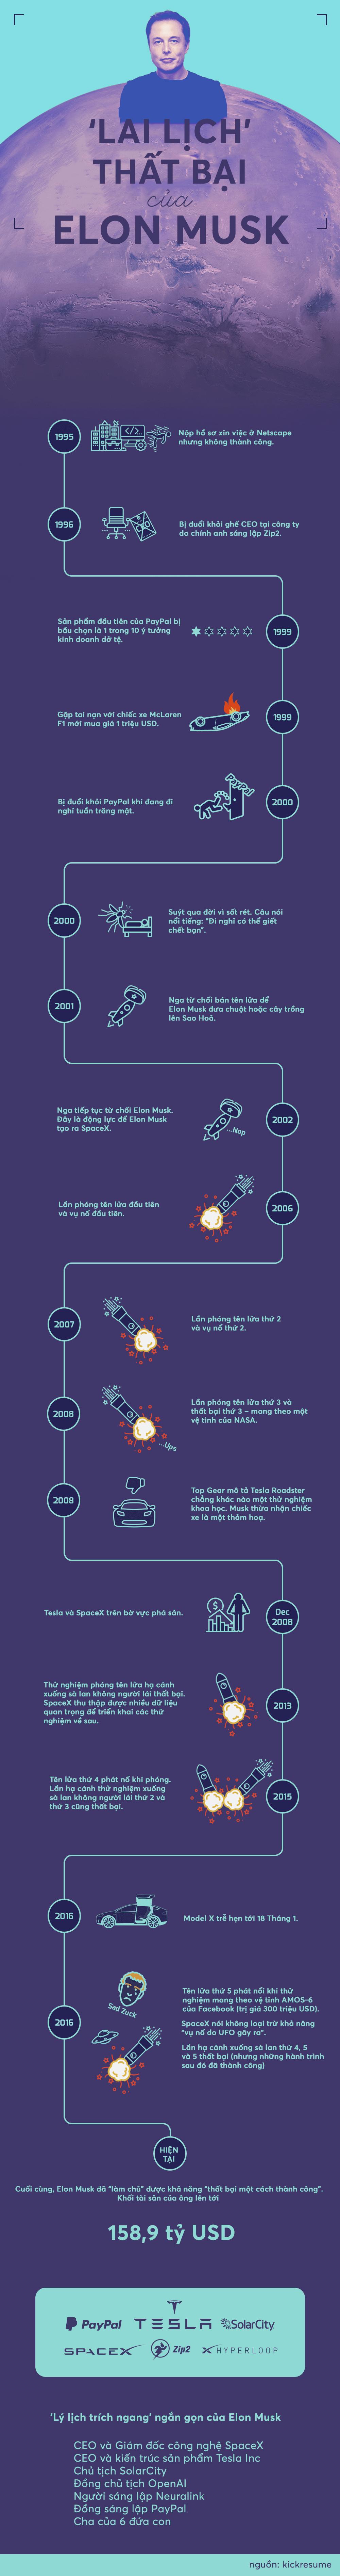 [Infographic] Lịch sử thất bại dài như một trang sớ của Elon Musk - Ảnh 1.